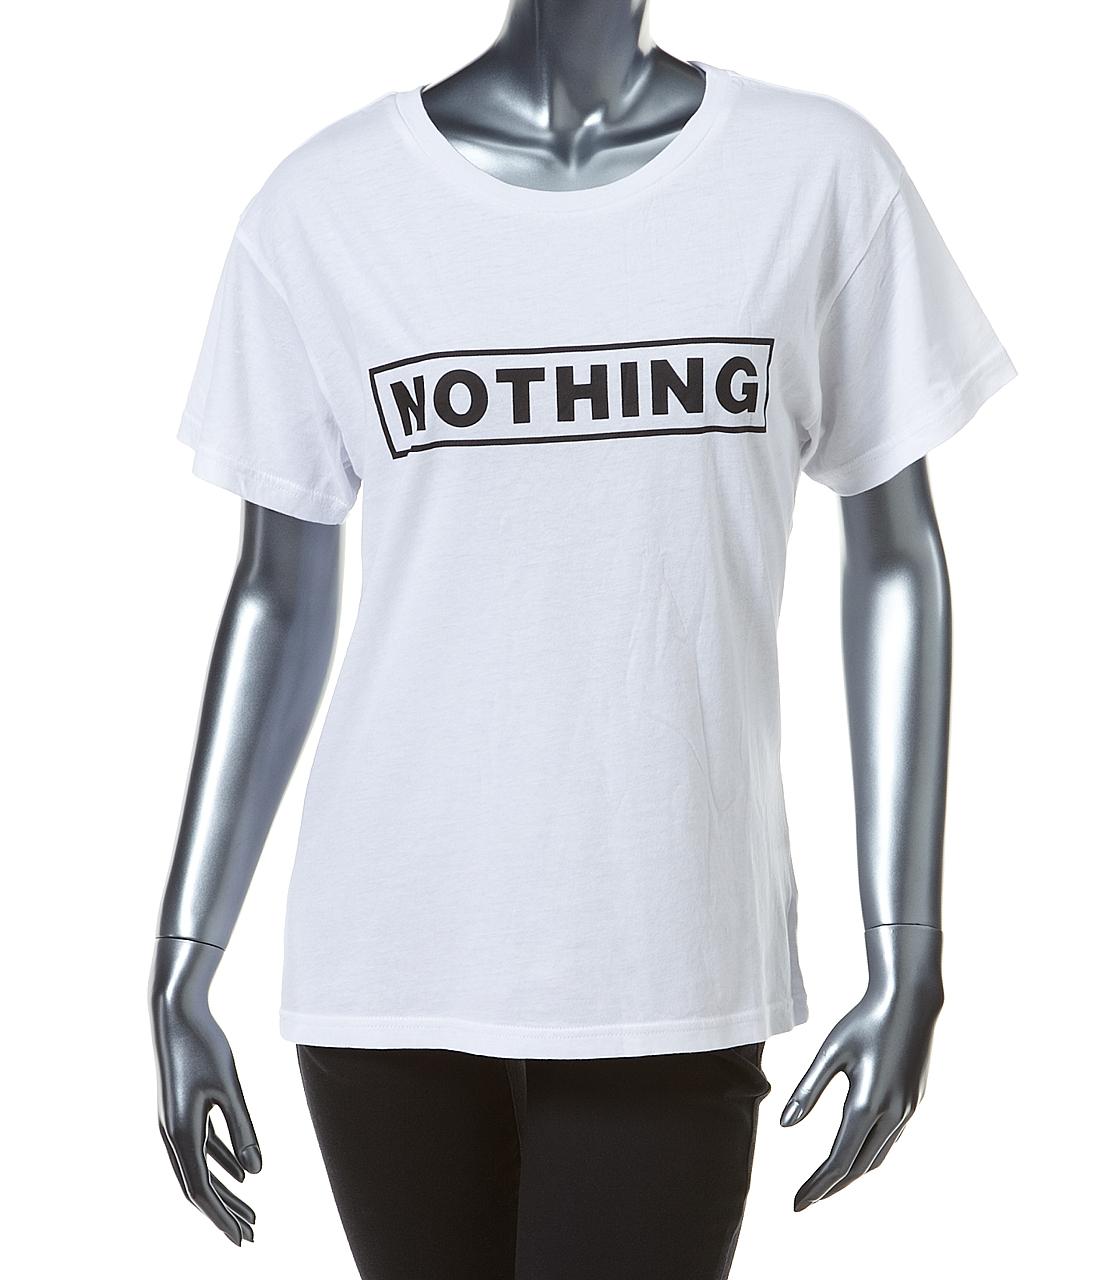 シャツ通販〜SLY LANGブランドの【SLY LANG】NOTHING メンズ T/S/ブランド/トレンド/ブランド/2806AK99-0140